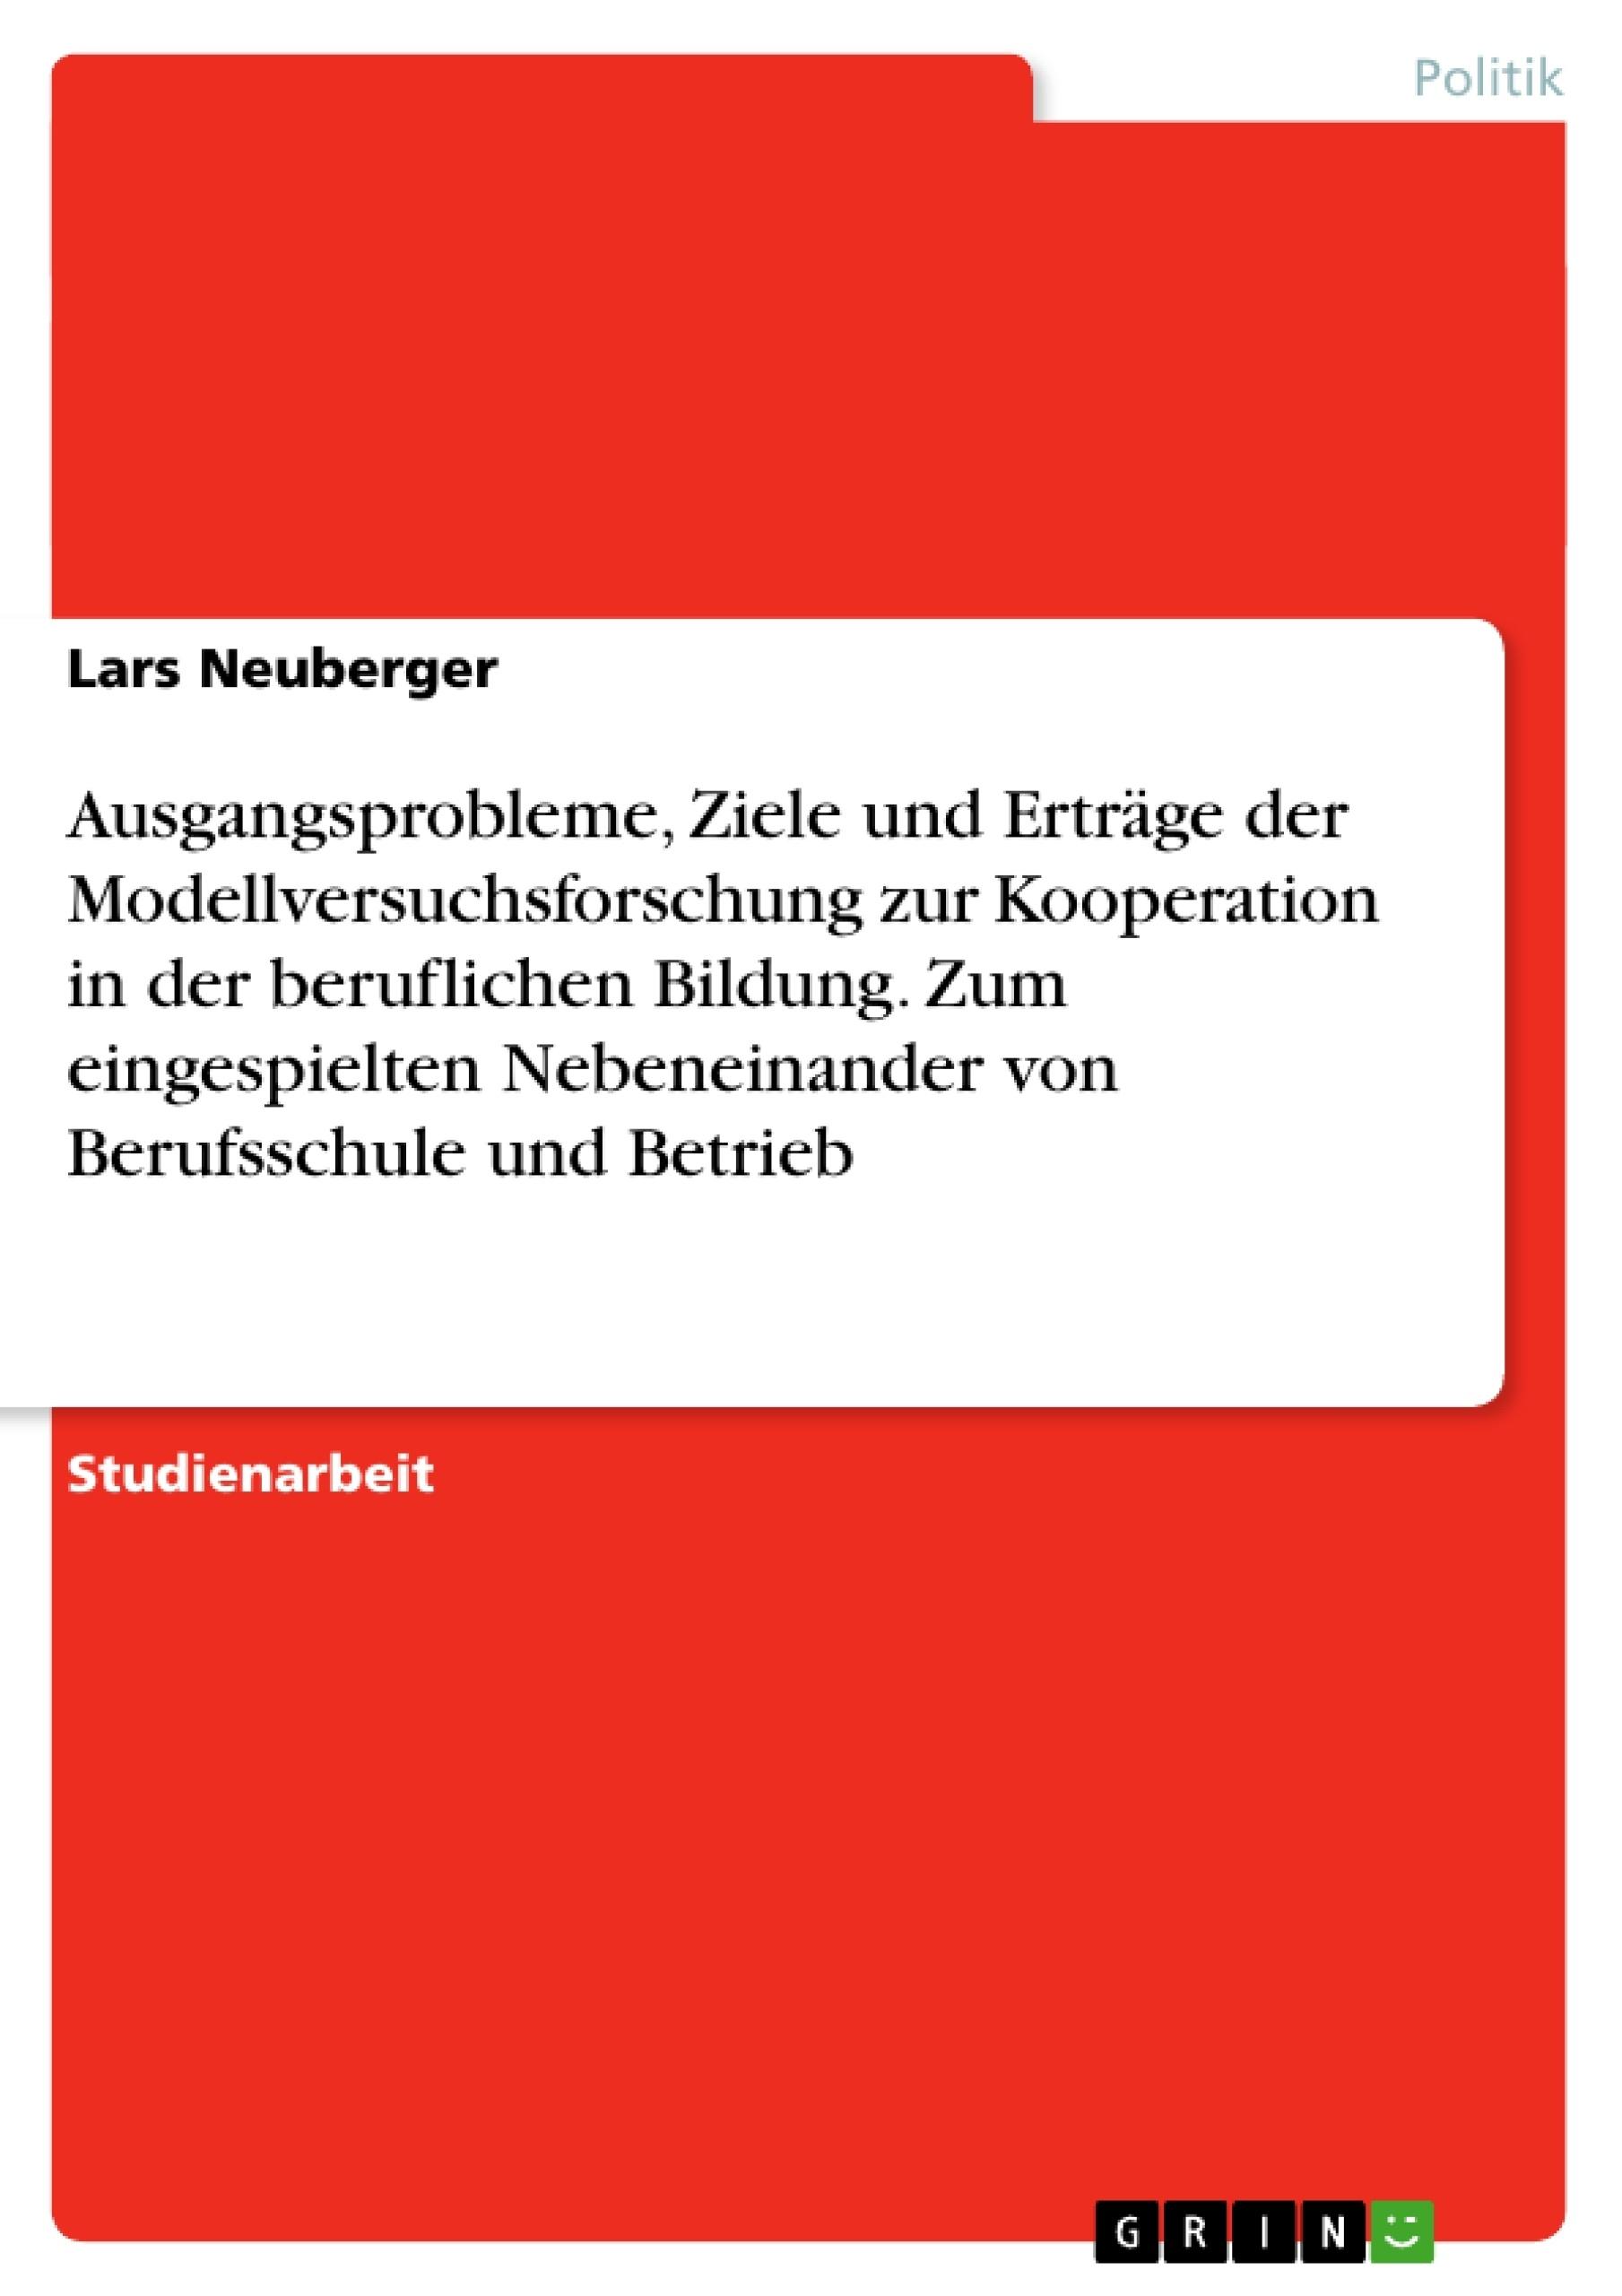 Titel: Ausgangsprobleme, Ziele und Erträge der Modellversuchsforschung zur Kooperation in der beruflichen Bildung. Zum eingespielten Nebeneinander von Berufsschule und Betrieb